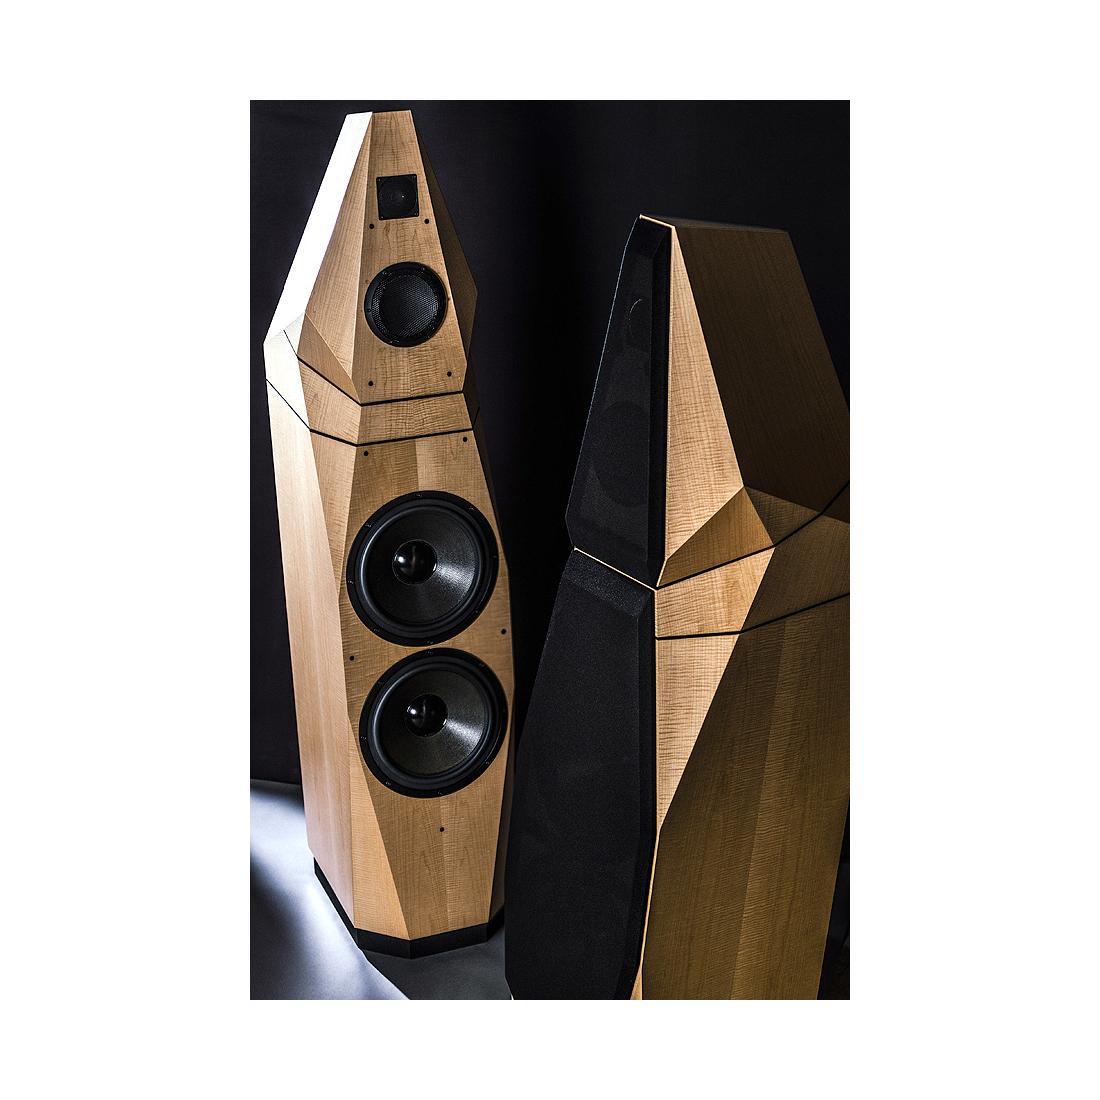 Avalon Acoustics Saga Cherry 特別価格ASK! アヴァロン スピーカーシステム ペア